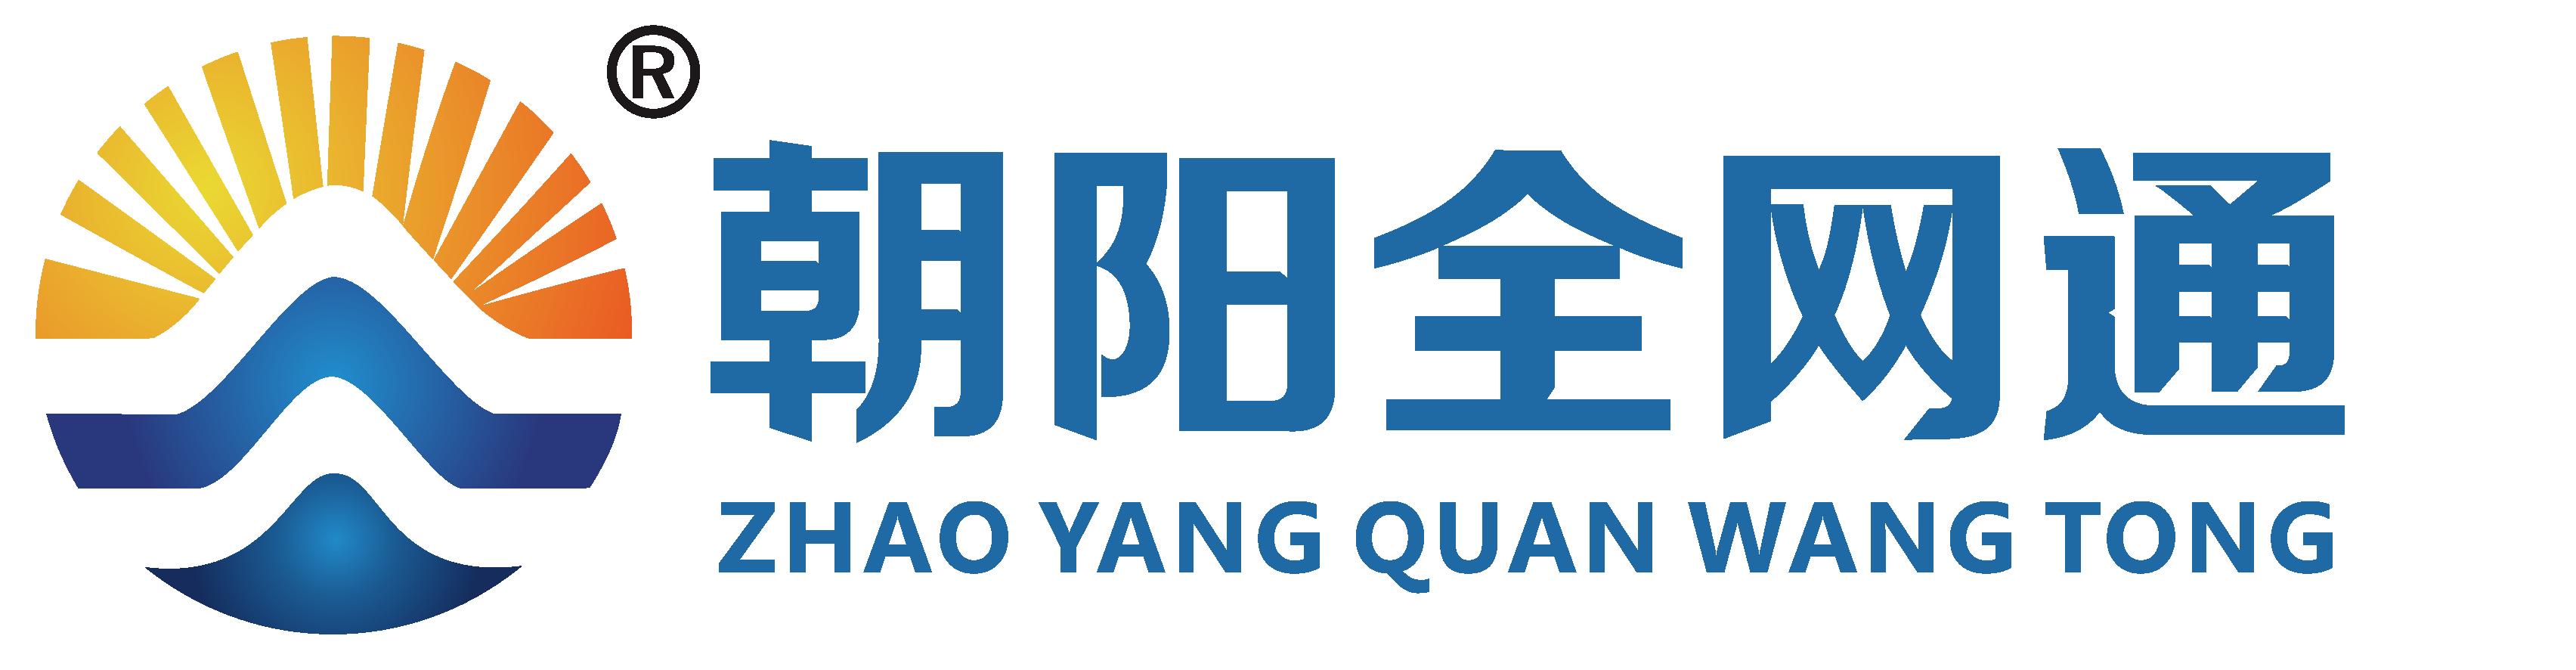 广东朝阳全网通科技有限公司汕头分公司